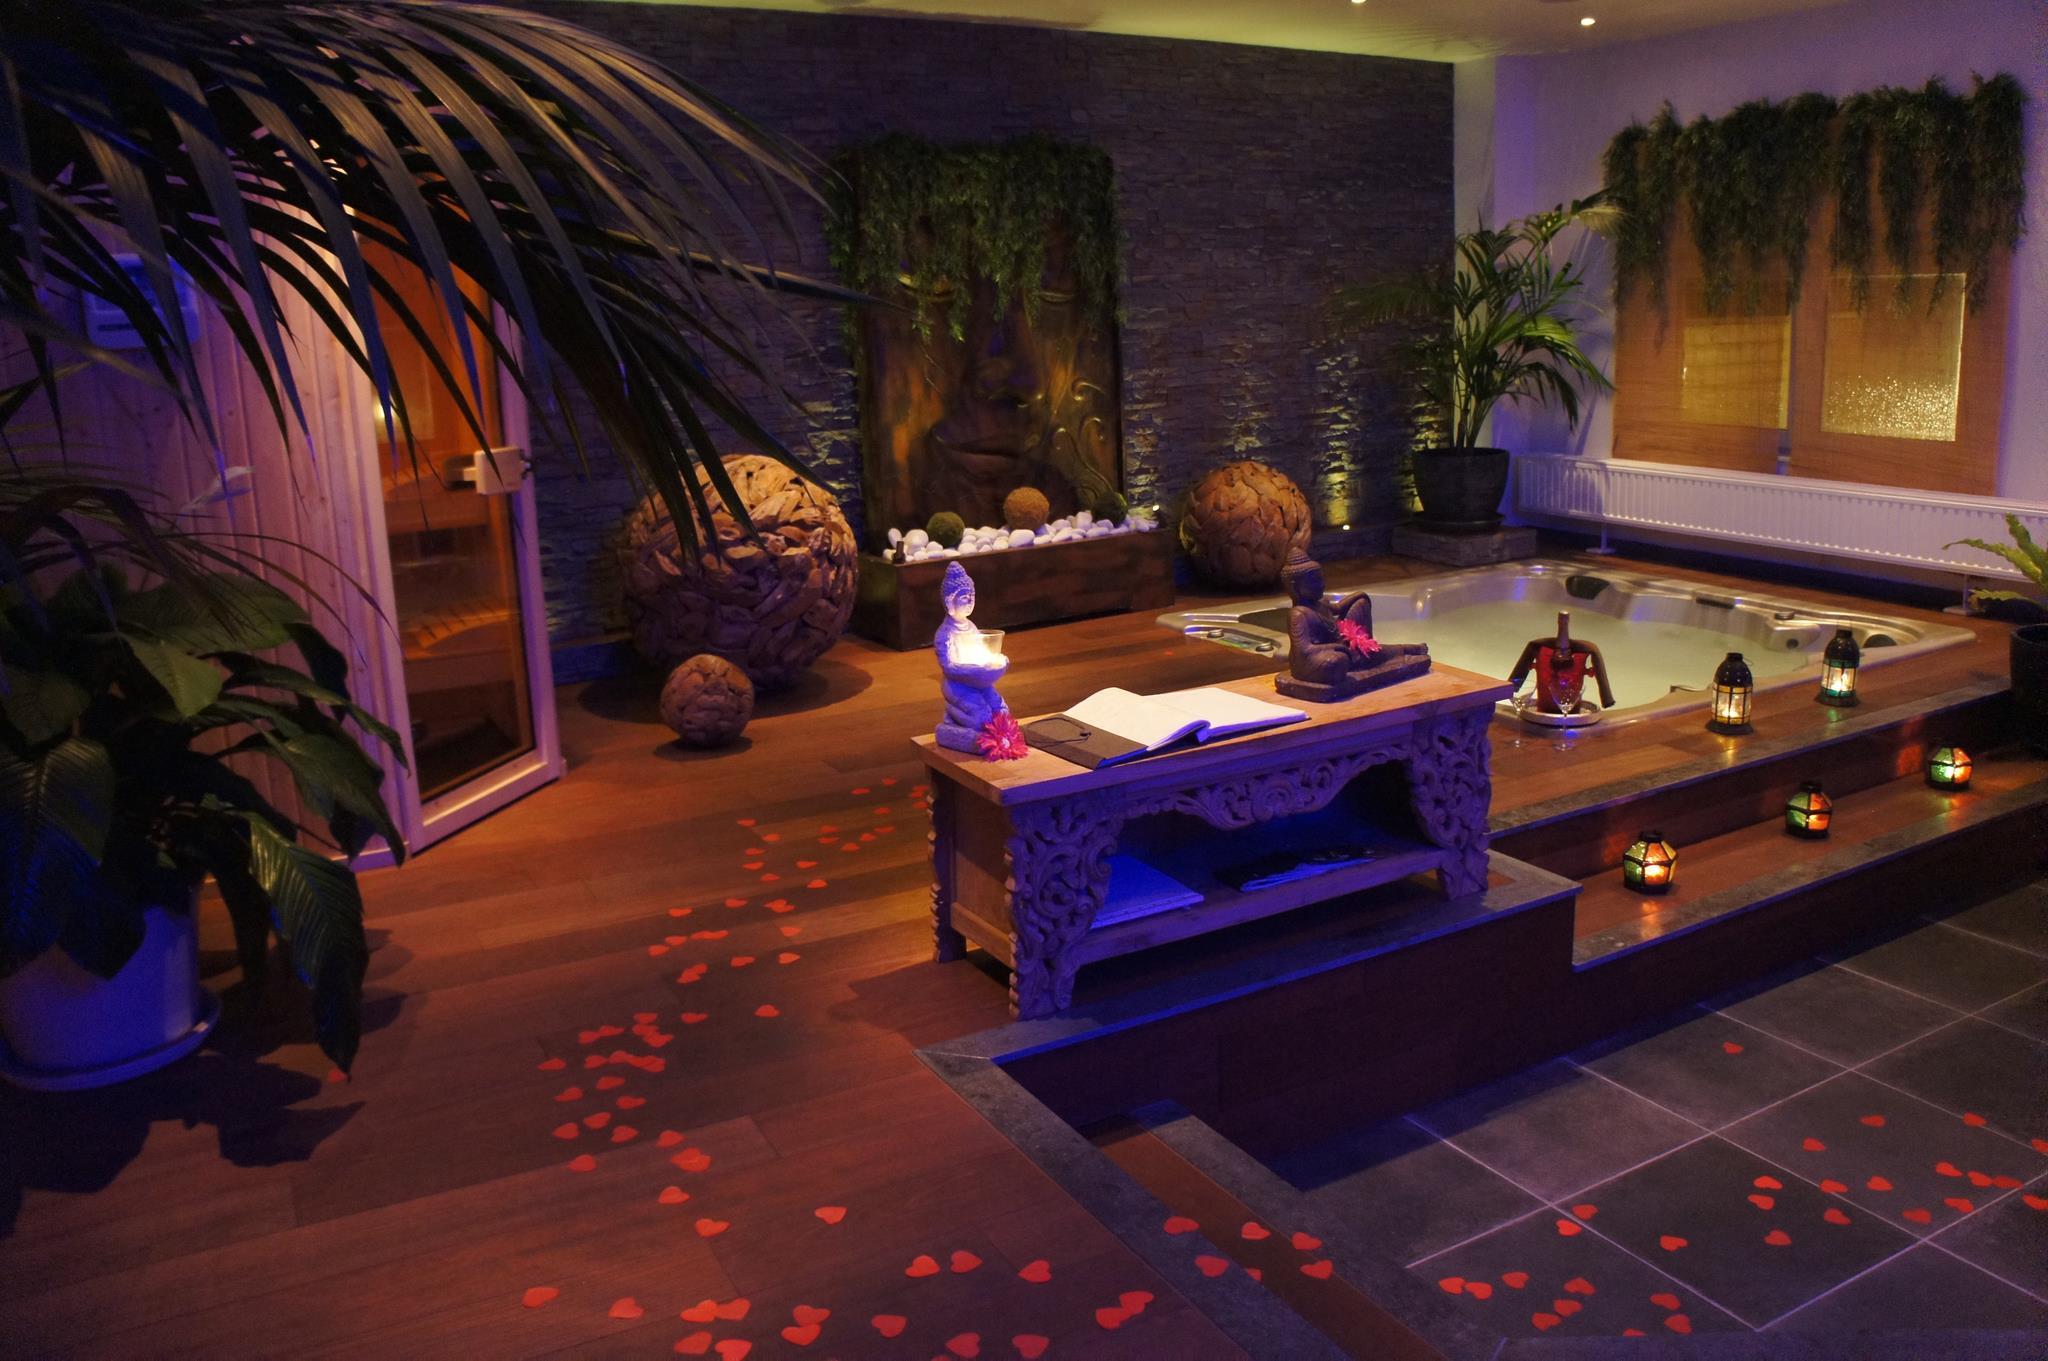 chambre de luxe avec jacuzzi belgique images